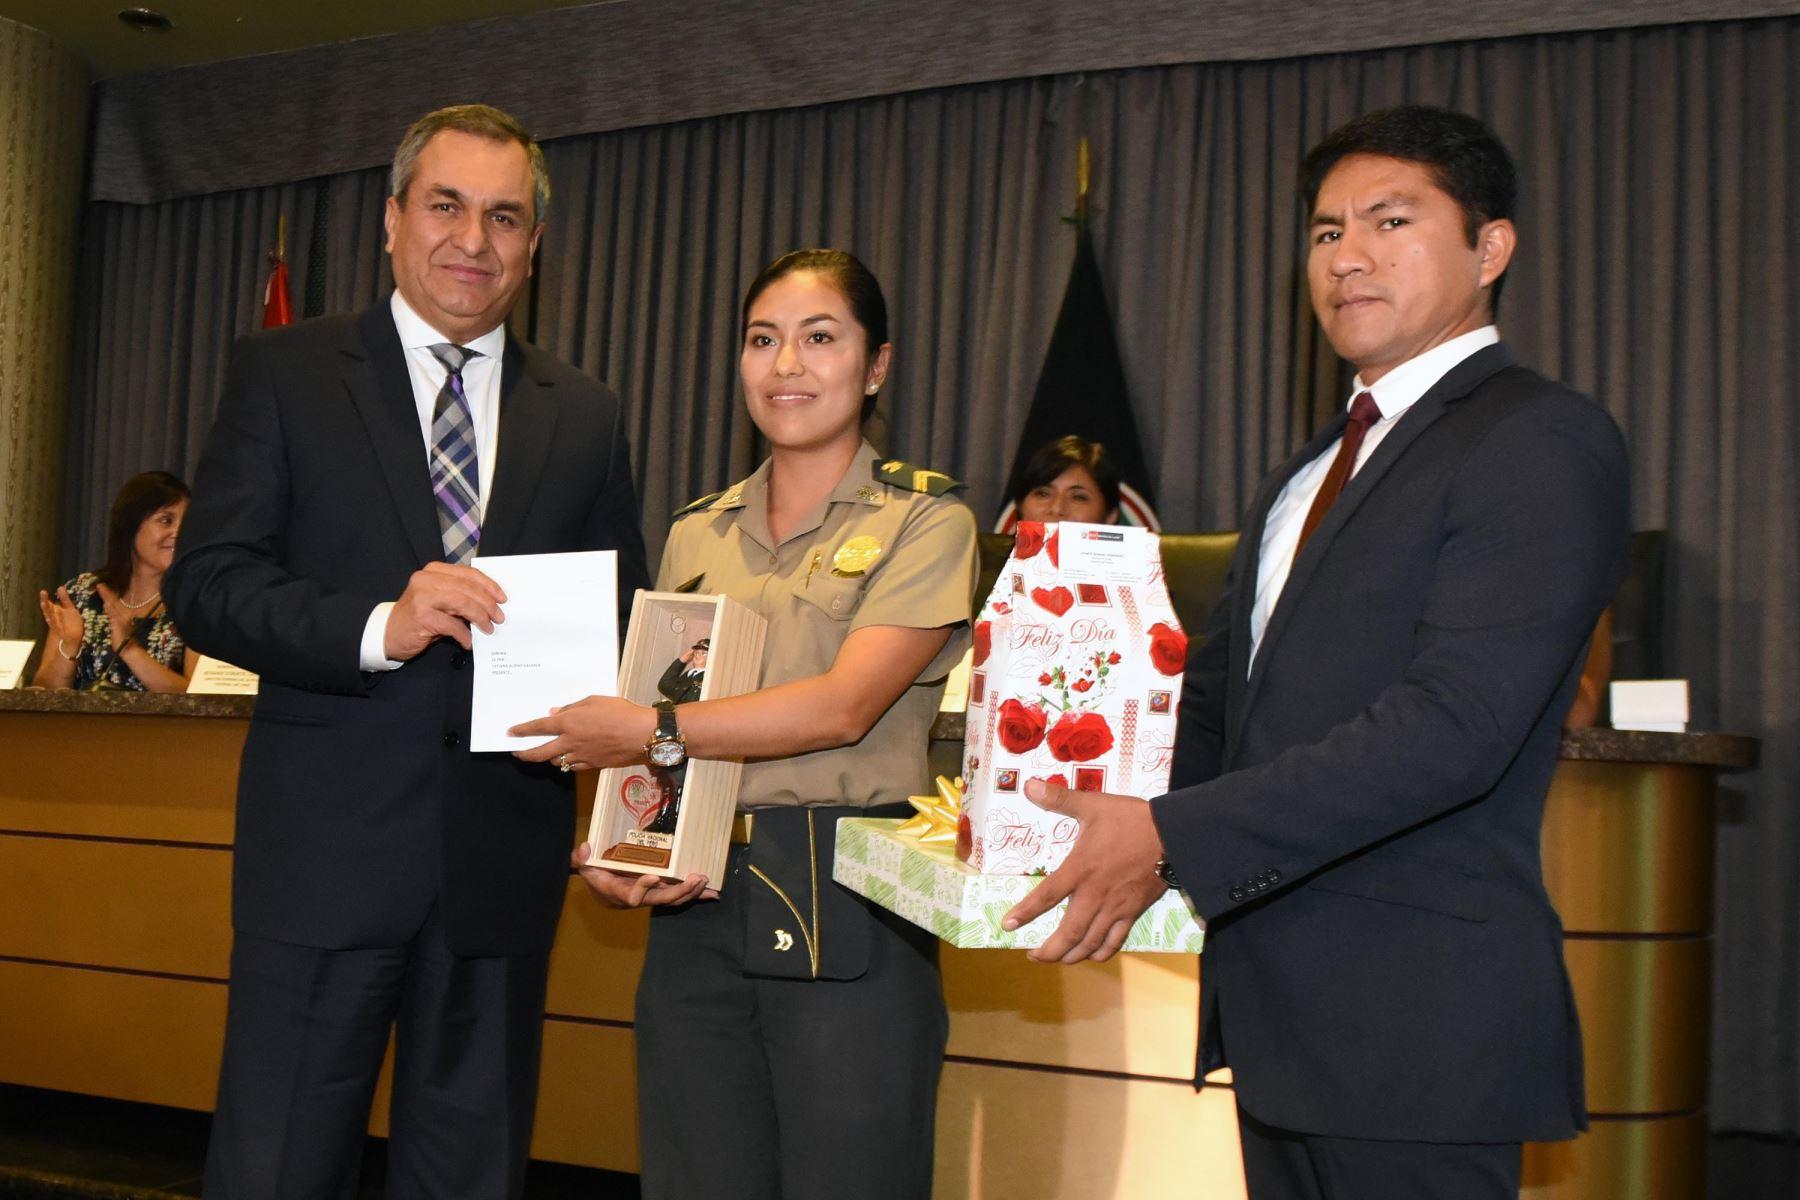 Ministerio del interior y polic a nacional reconocen labor for Ministerio interior y policia